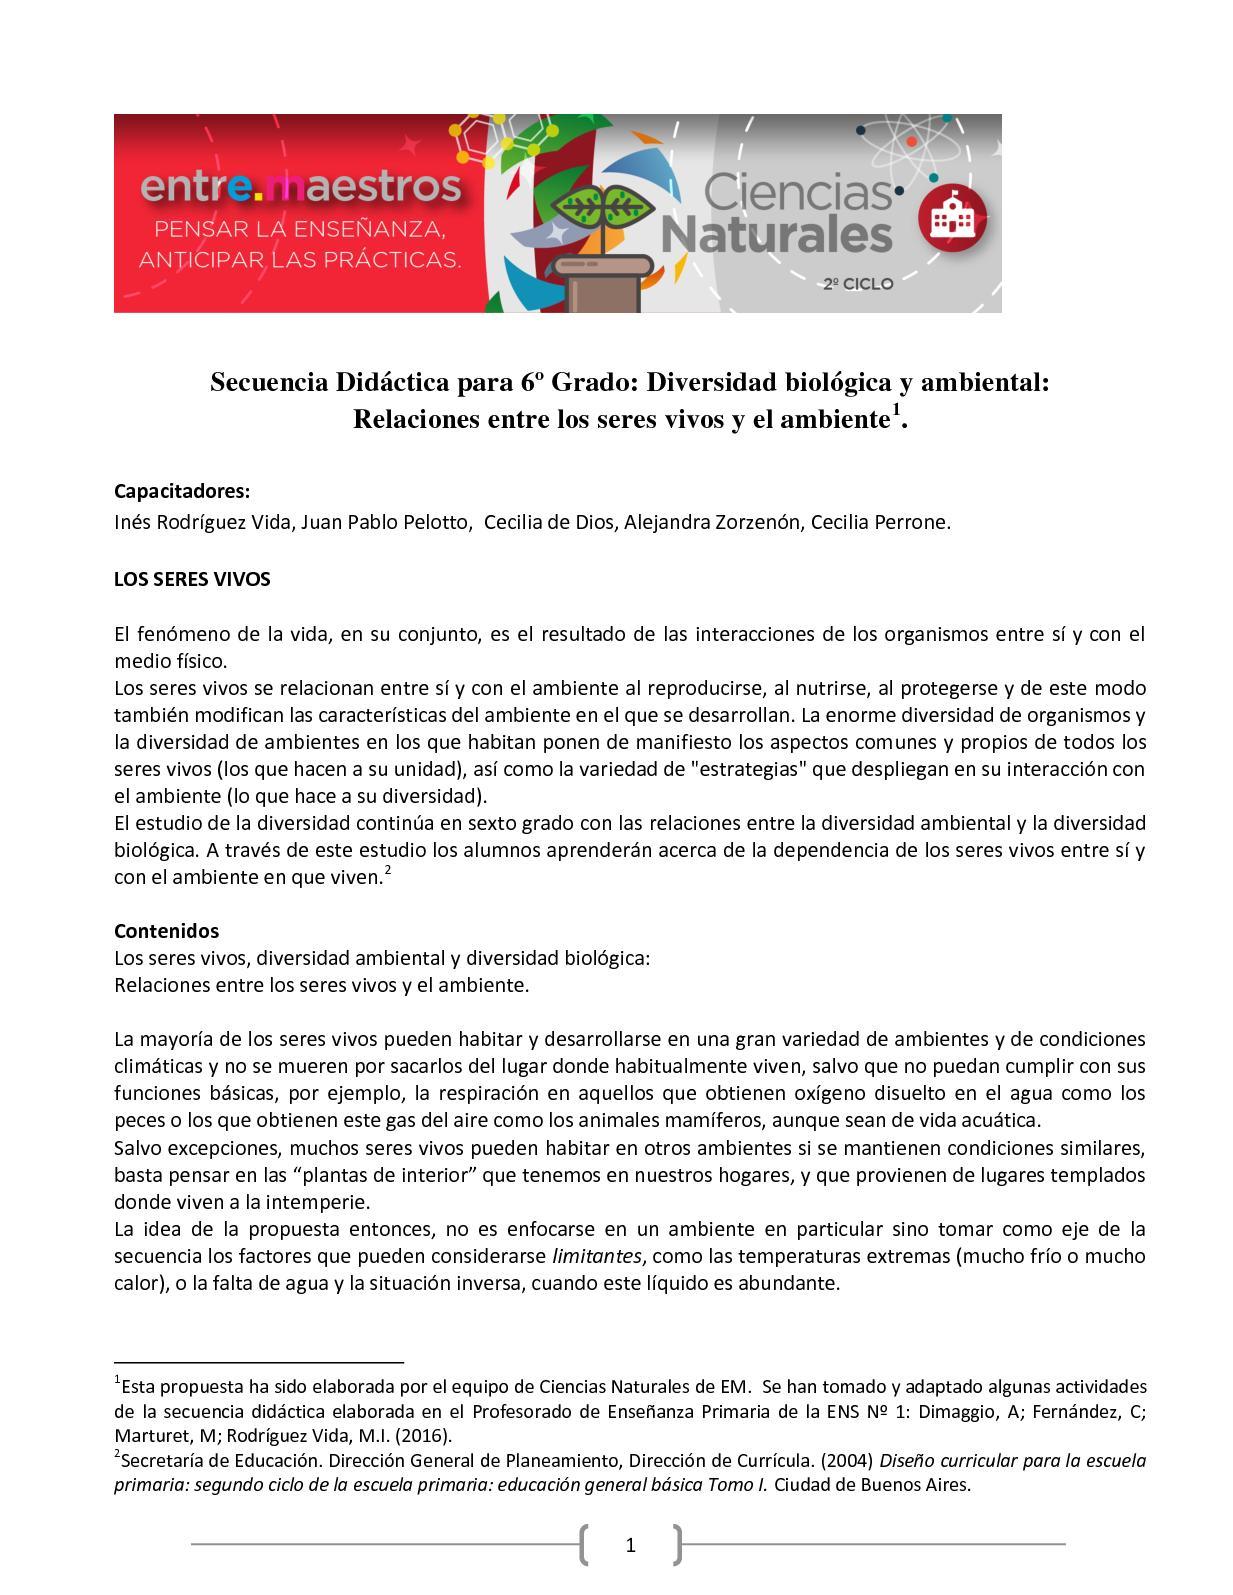 6º Secuencia Didáctica Em Diversidad Ambiental 2018